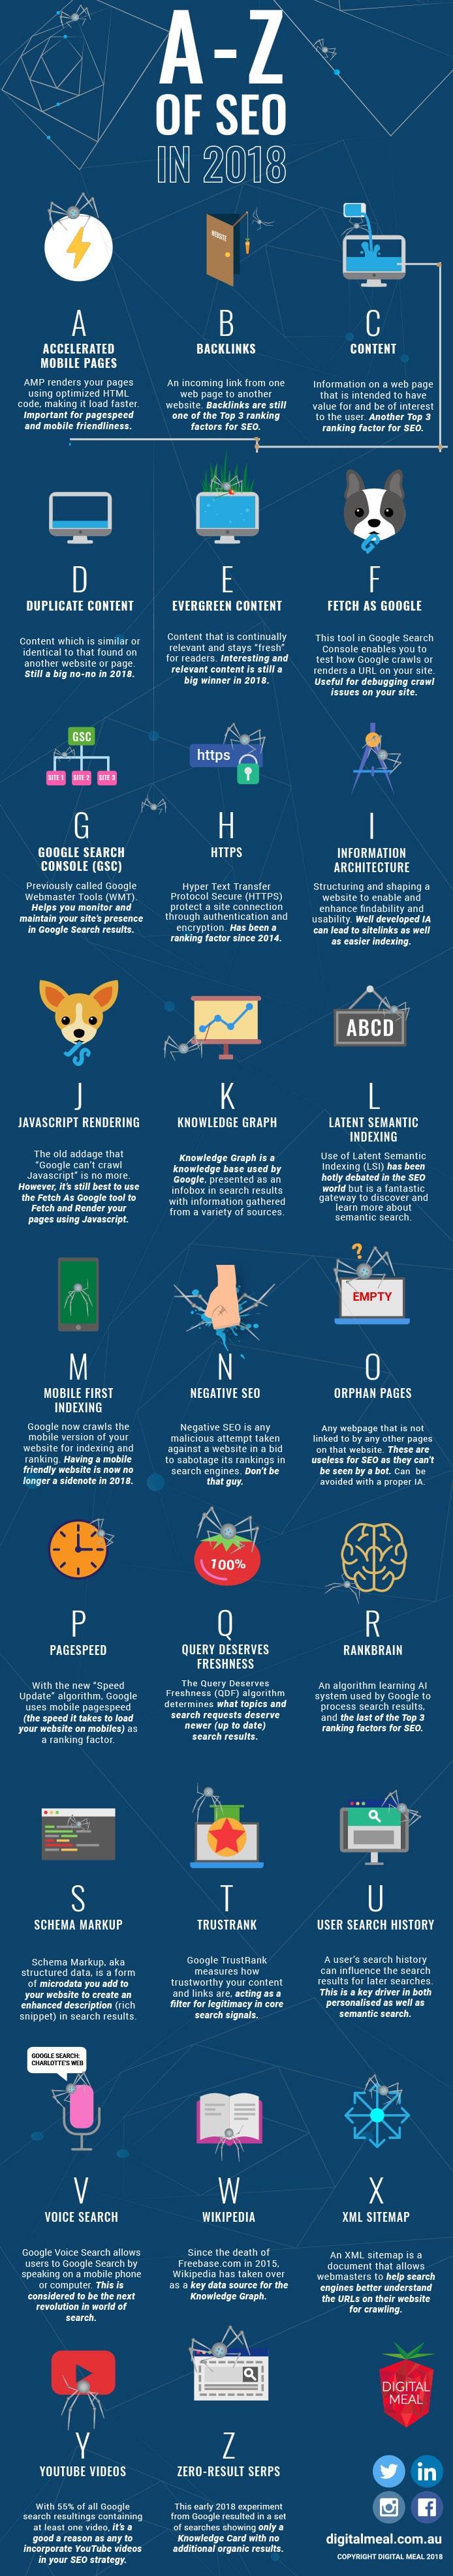 Infographie : L'Alphabet du SEO en 2018